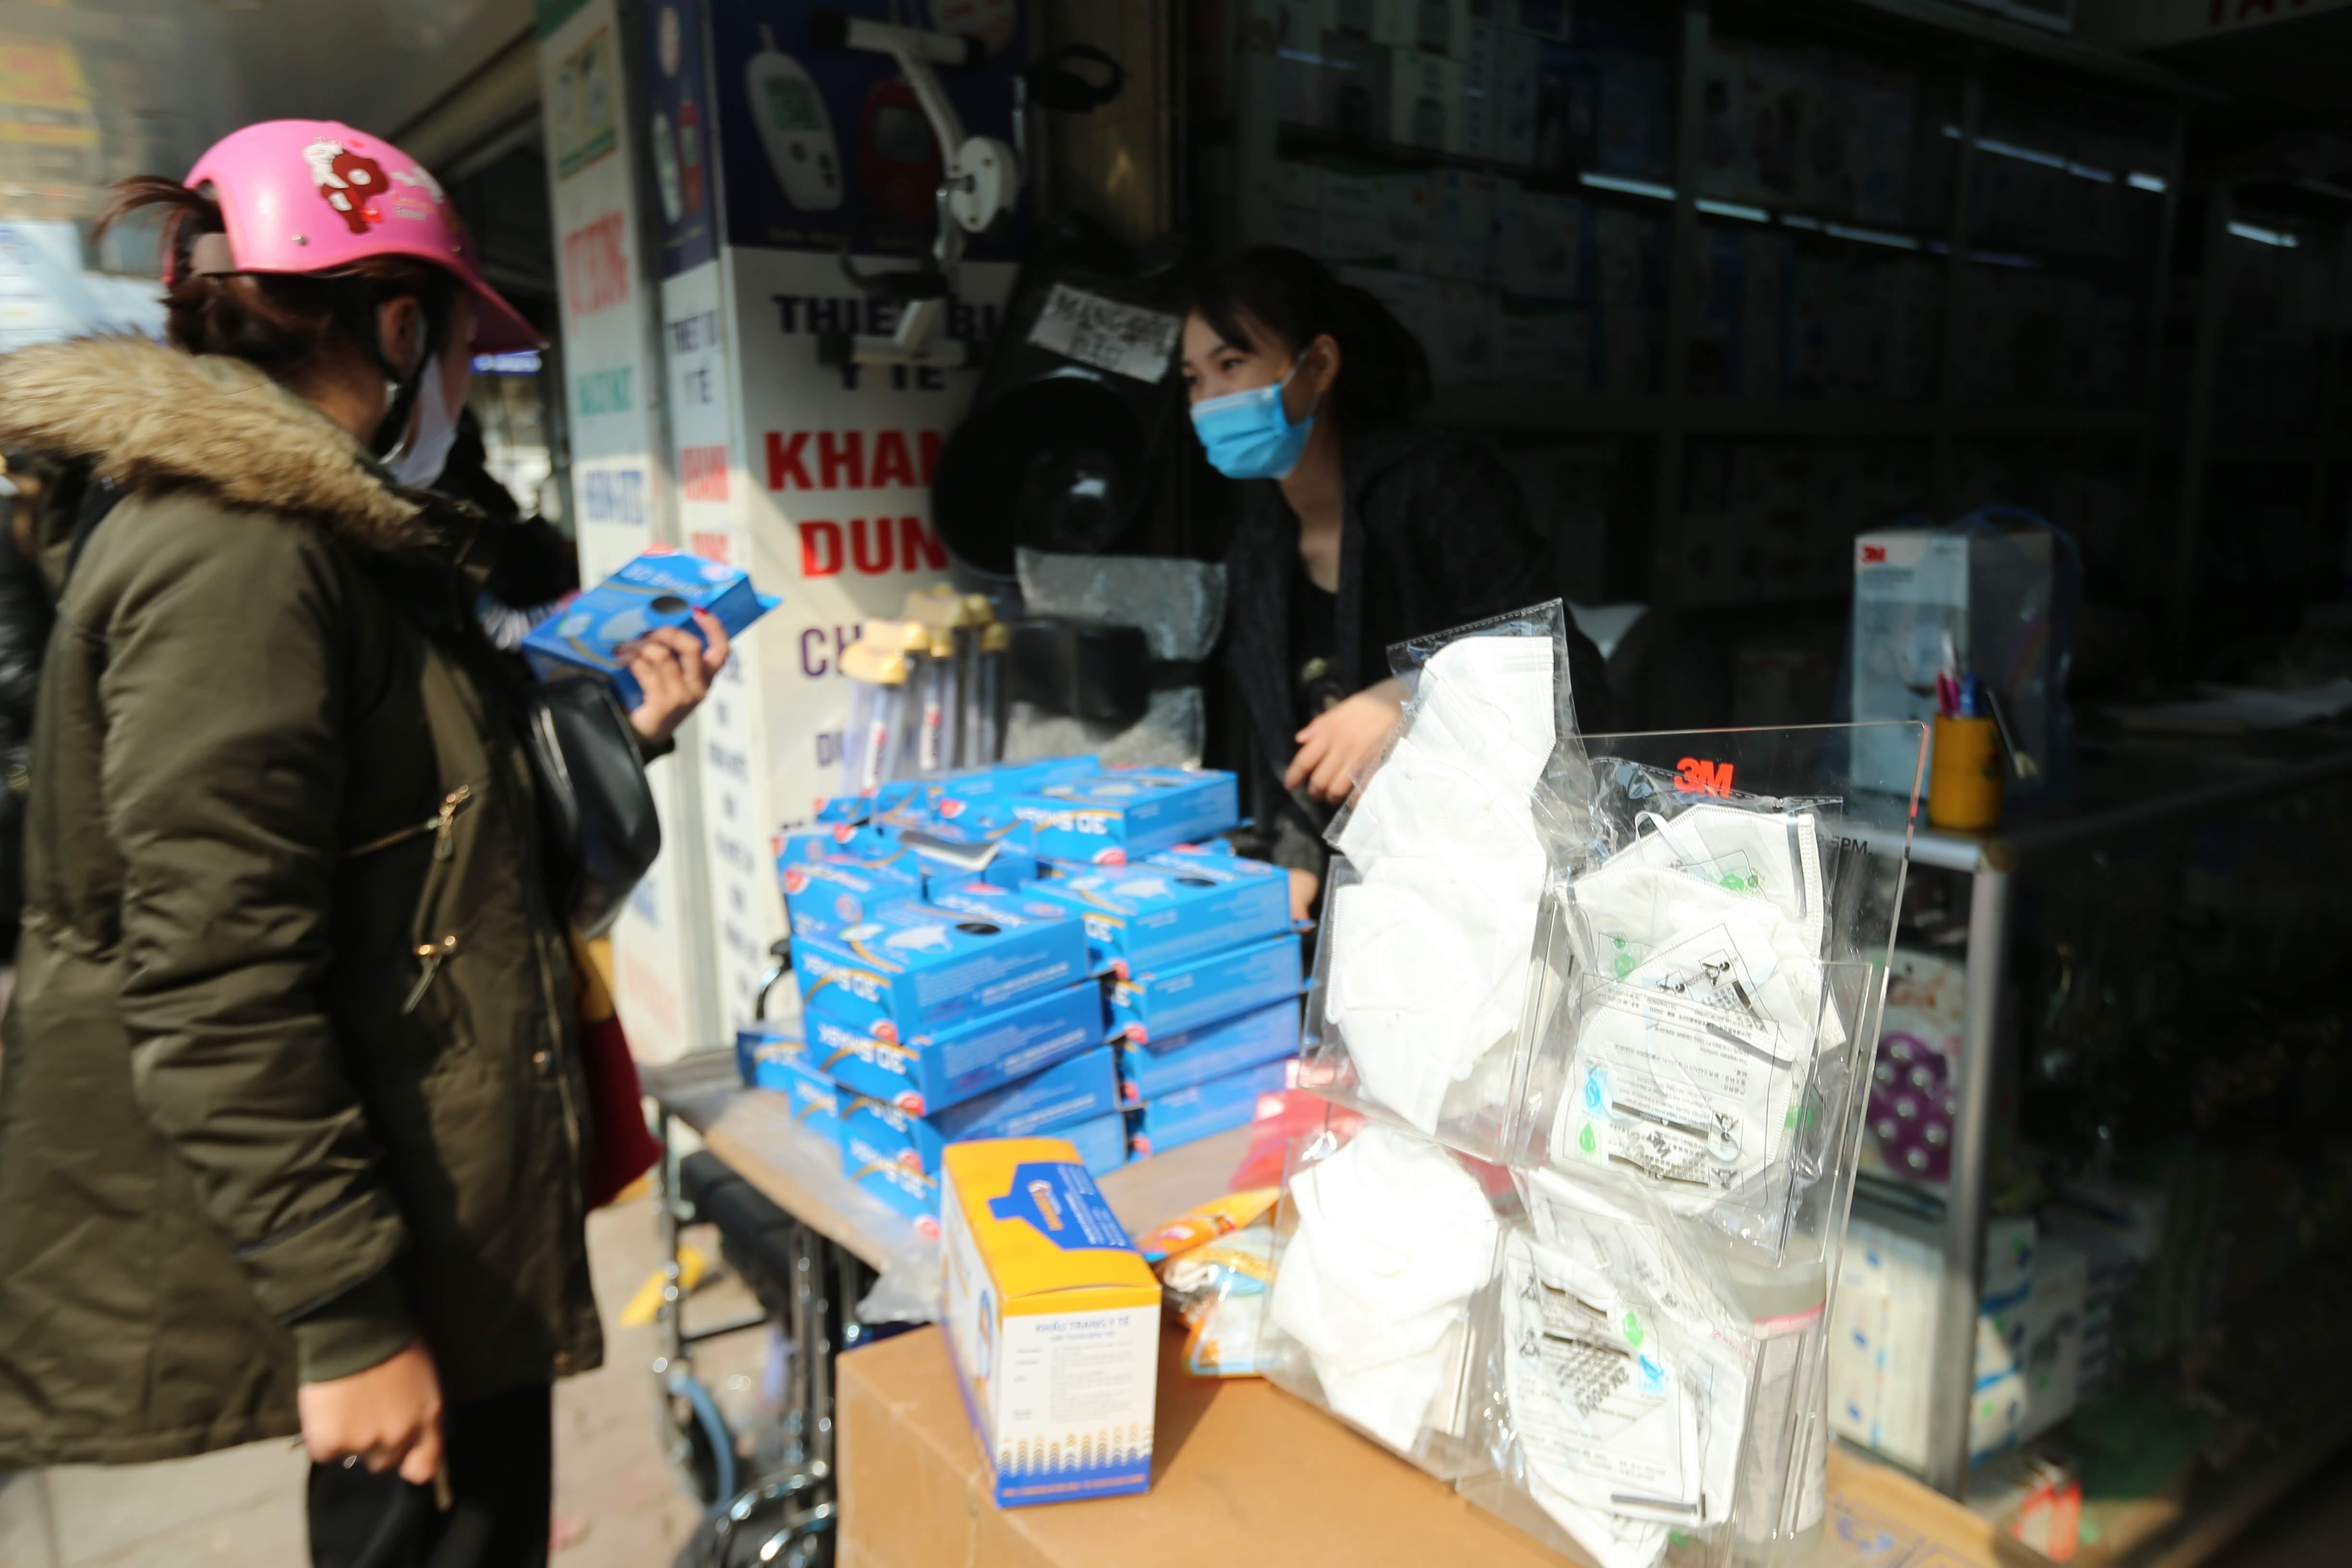 Theo như hướng dẫn của các chuyên gia y tế, người dân cũng có thể mua nhiều khẩu trang vải để giặt xoay vòng trong nhiều ngày. Tại phố Tân Mai, loại khẩu trang vải giá gần 100 ngàn/chiếc cũng được nhiều người mua.